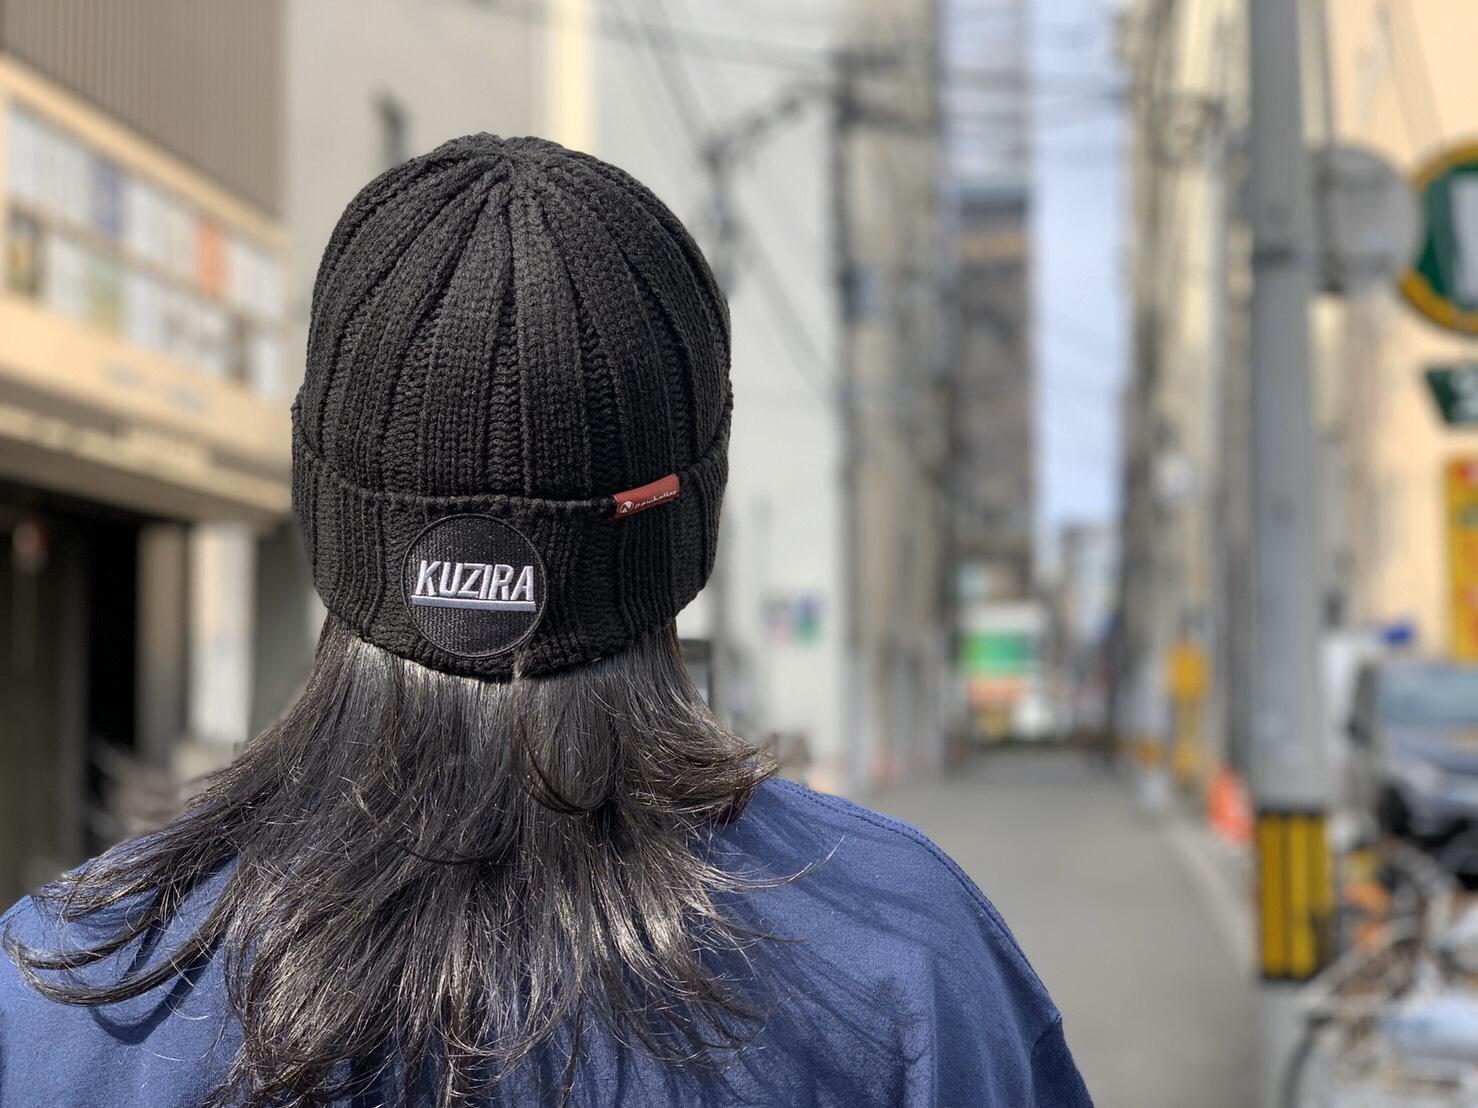 KUZIRA ニット帽